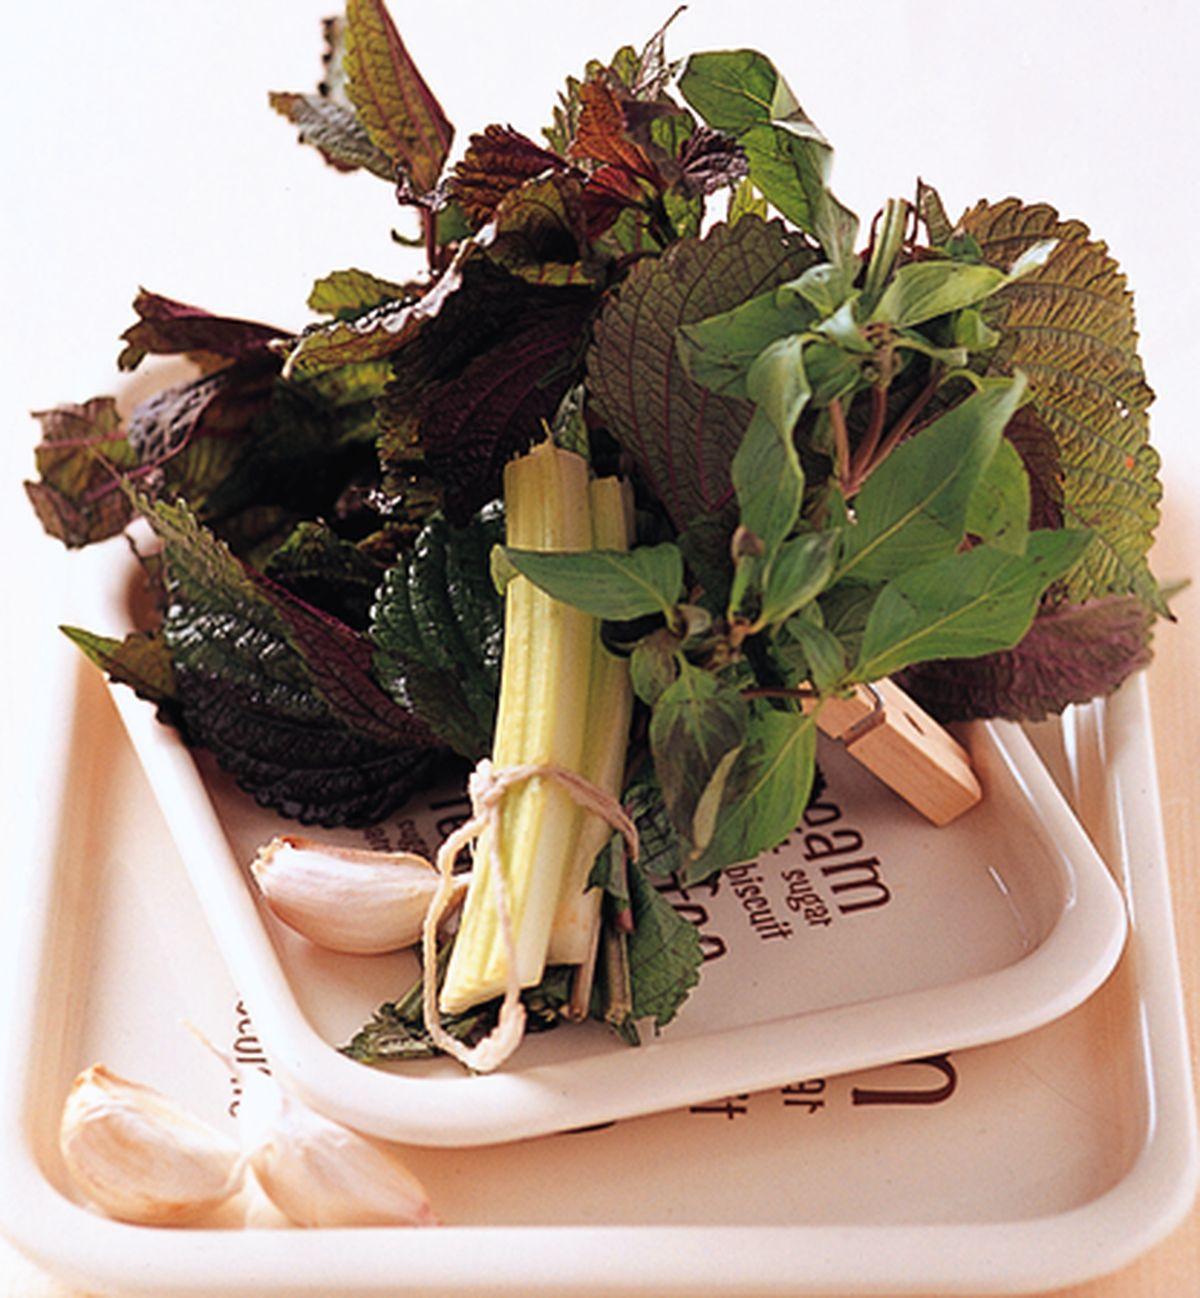 食譜:紫蘇清香滷包